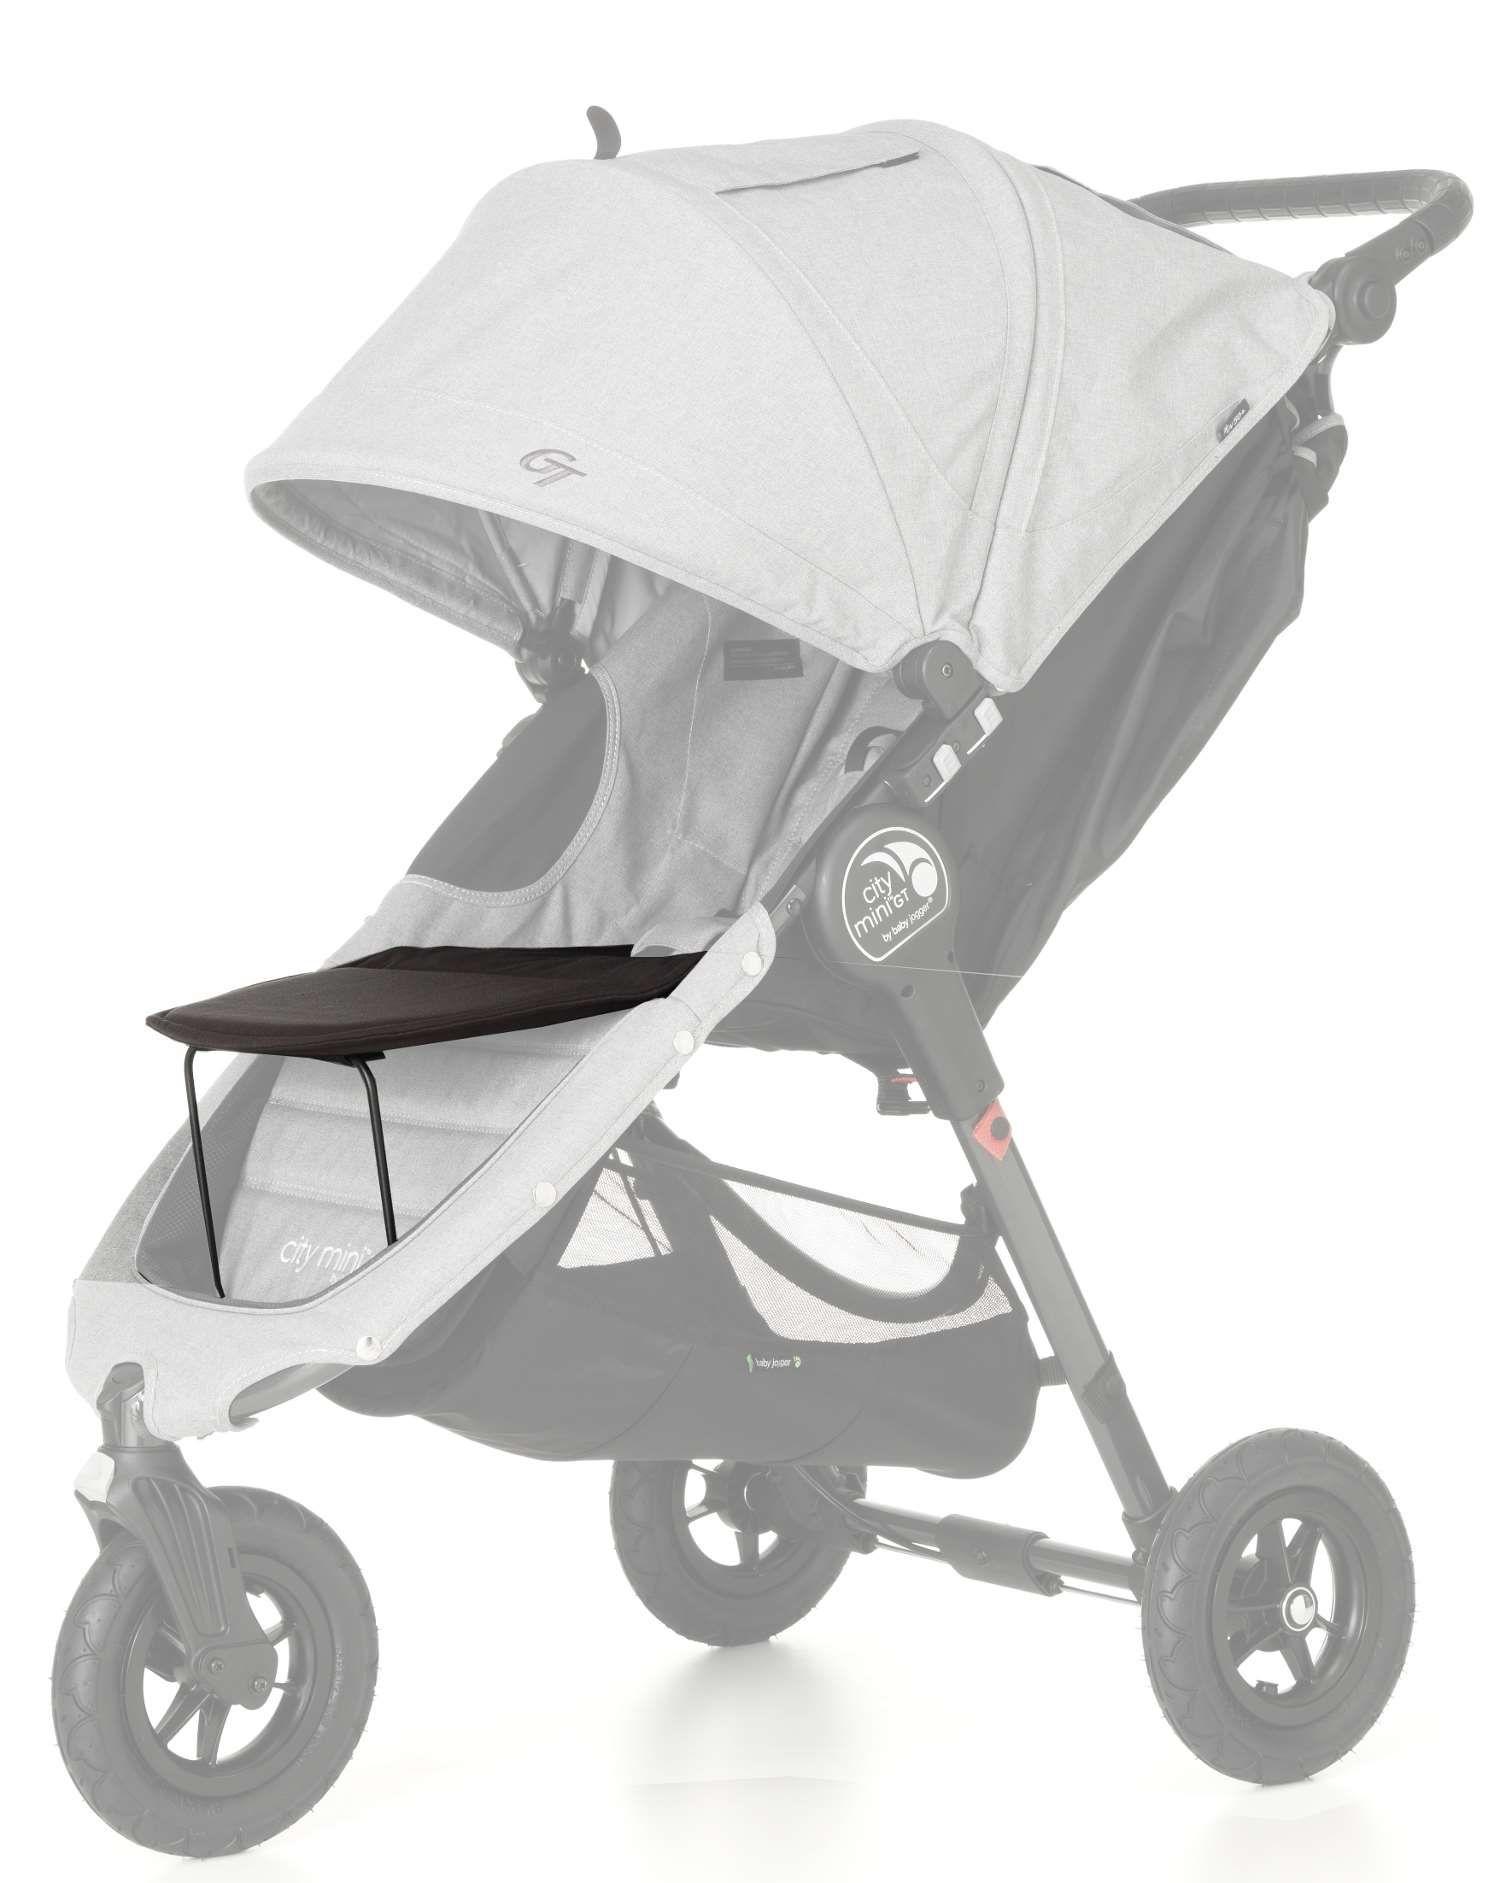 Universal fodstøtte til Baby Jogger - Footrest all Black